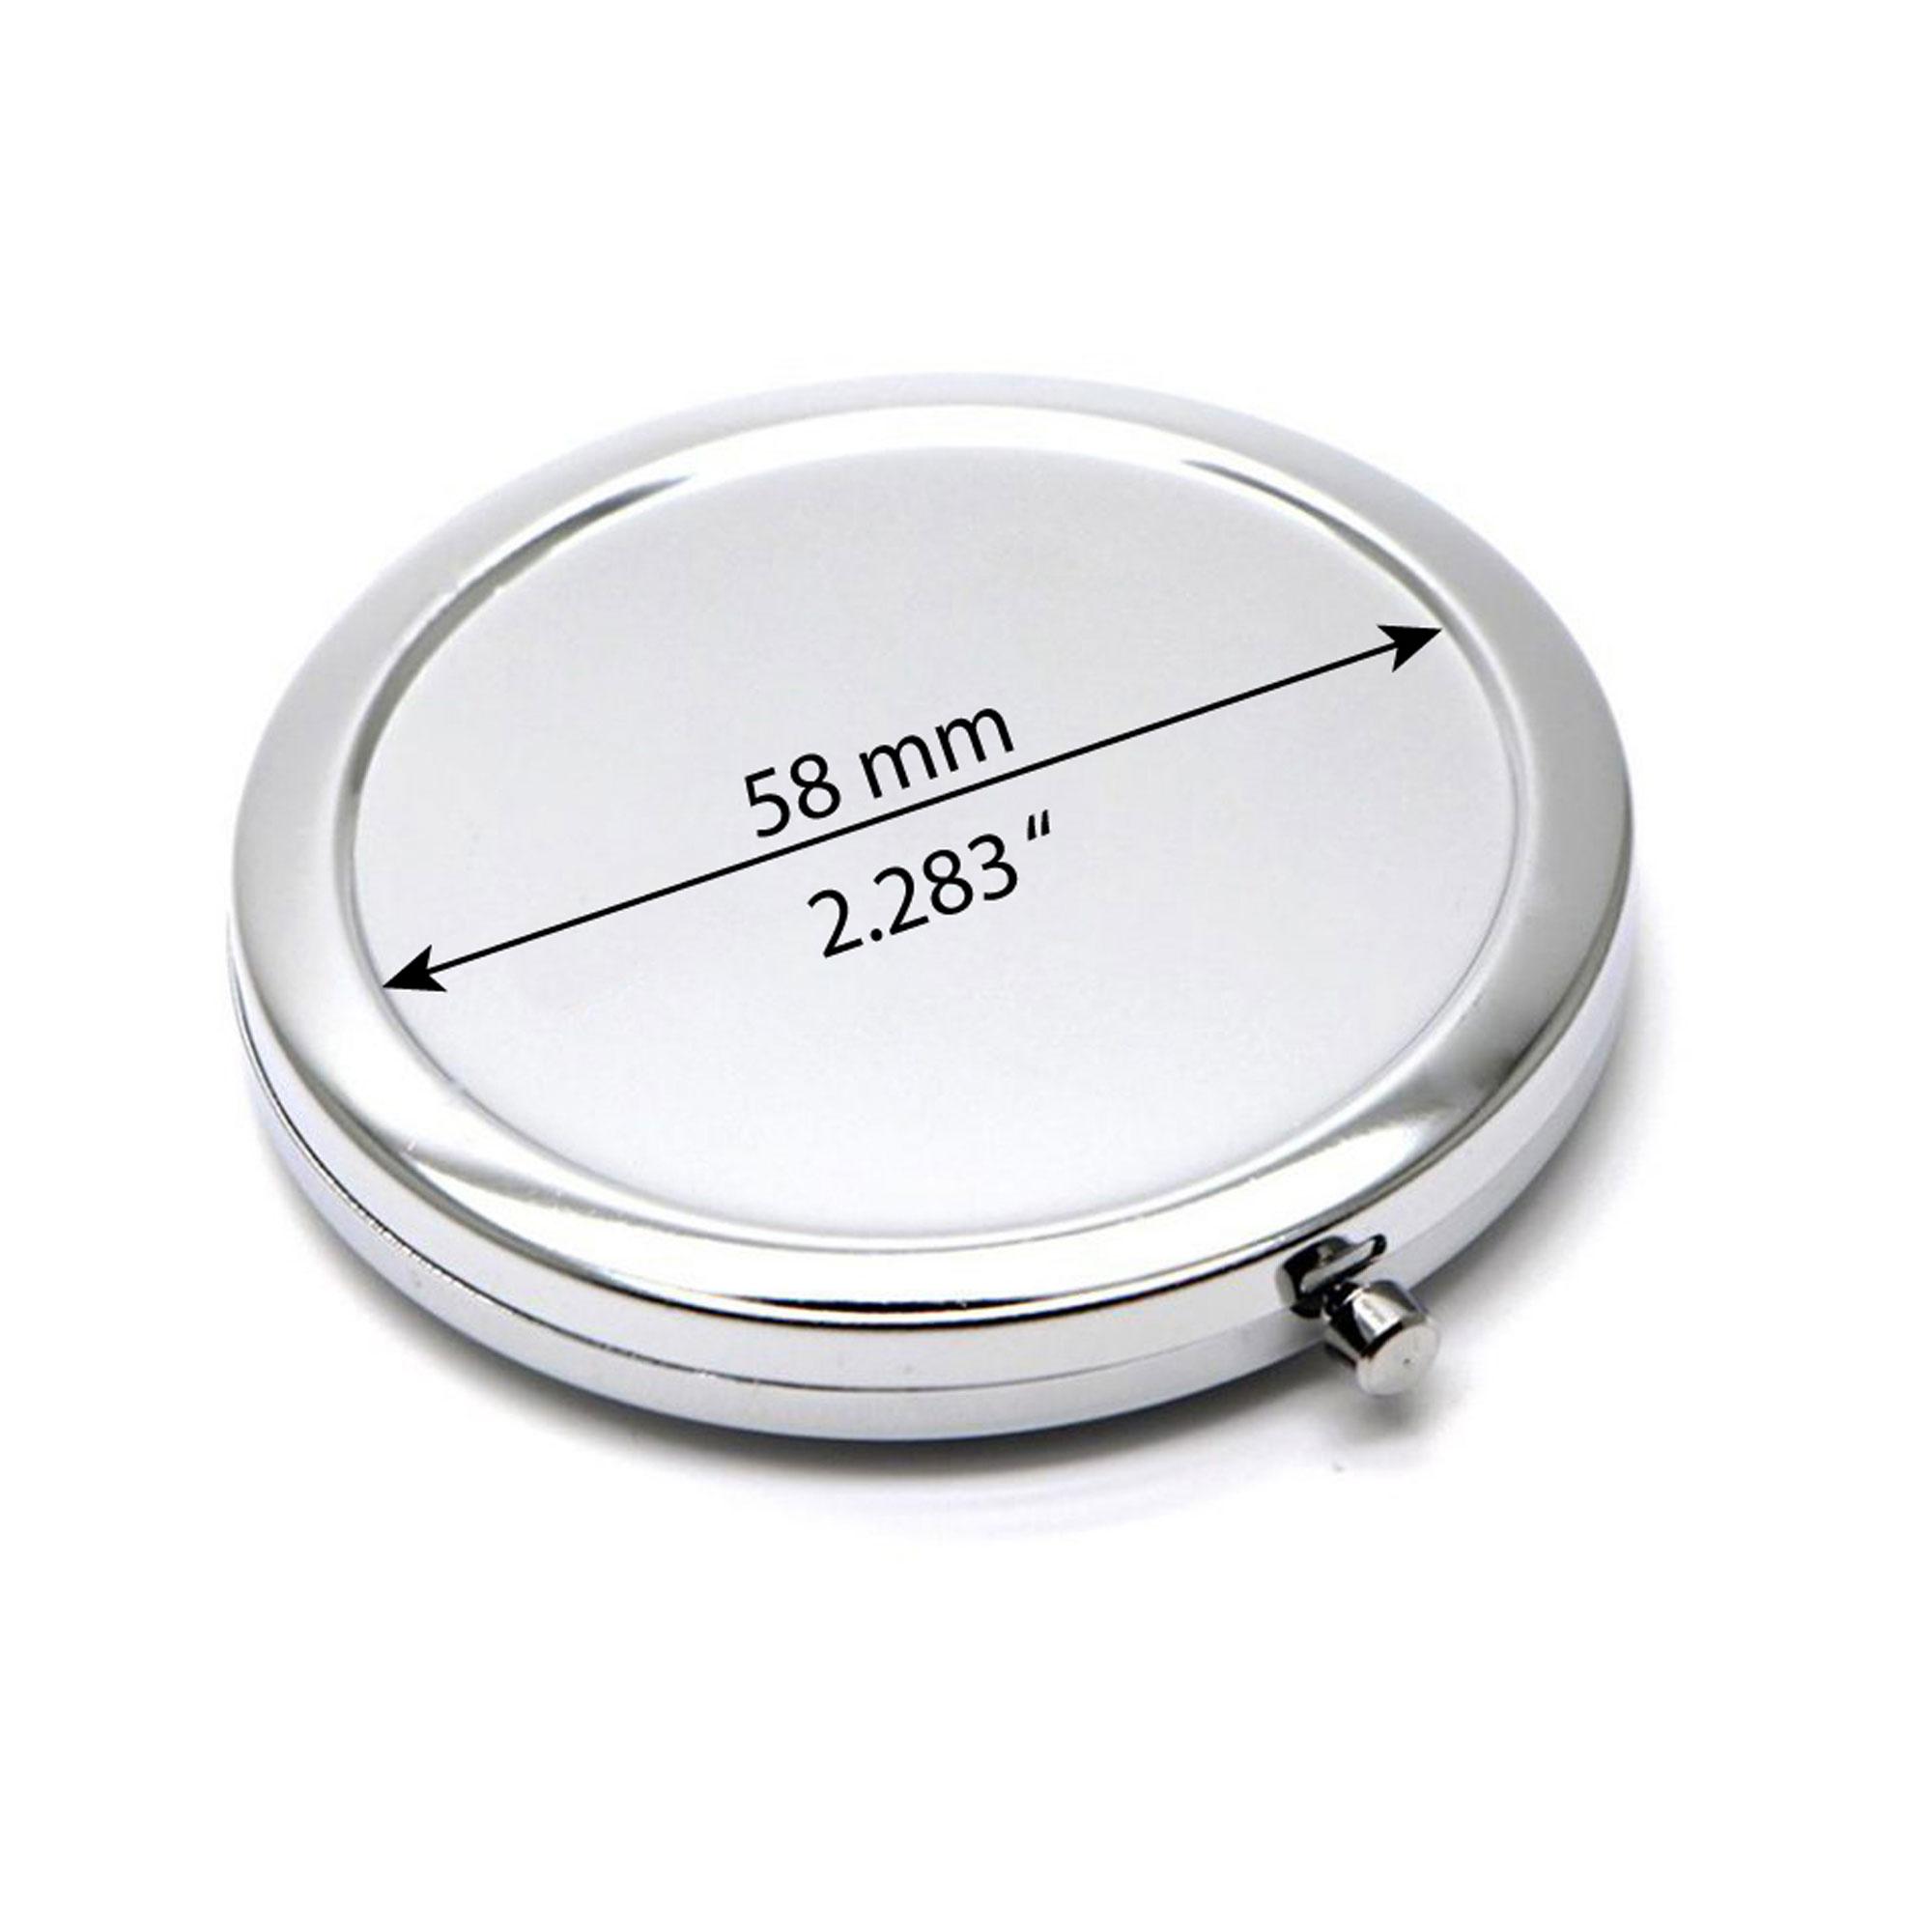 Compact mirror base